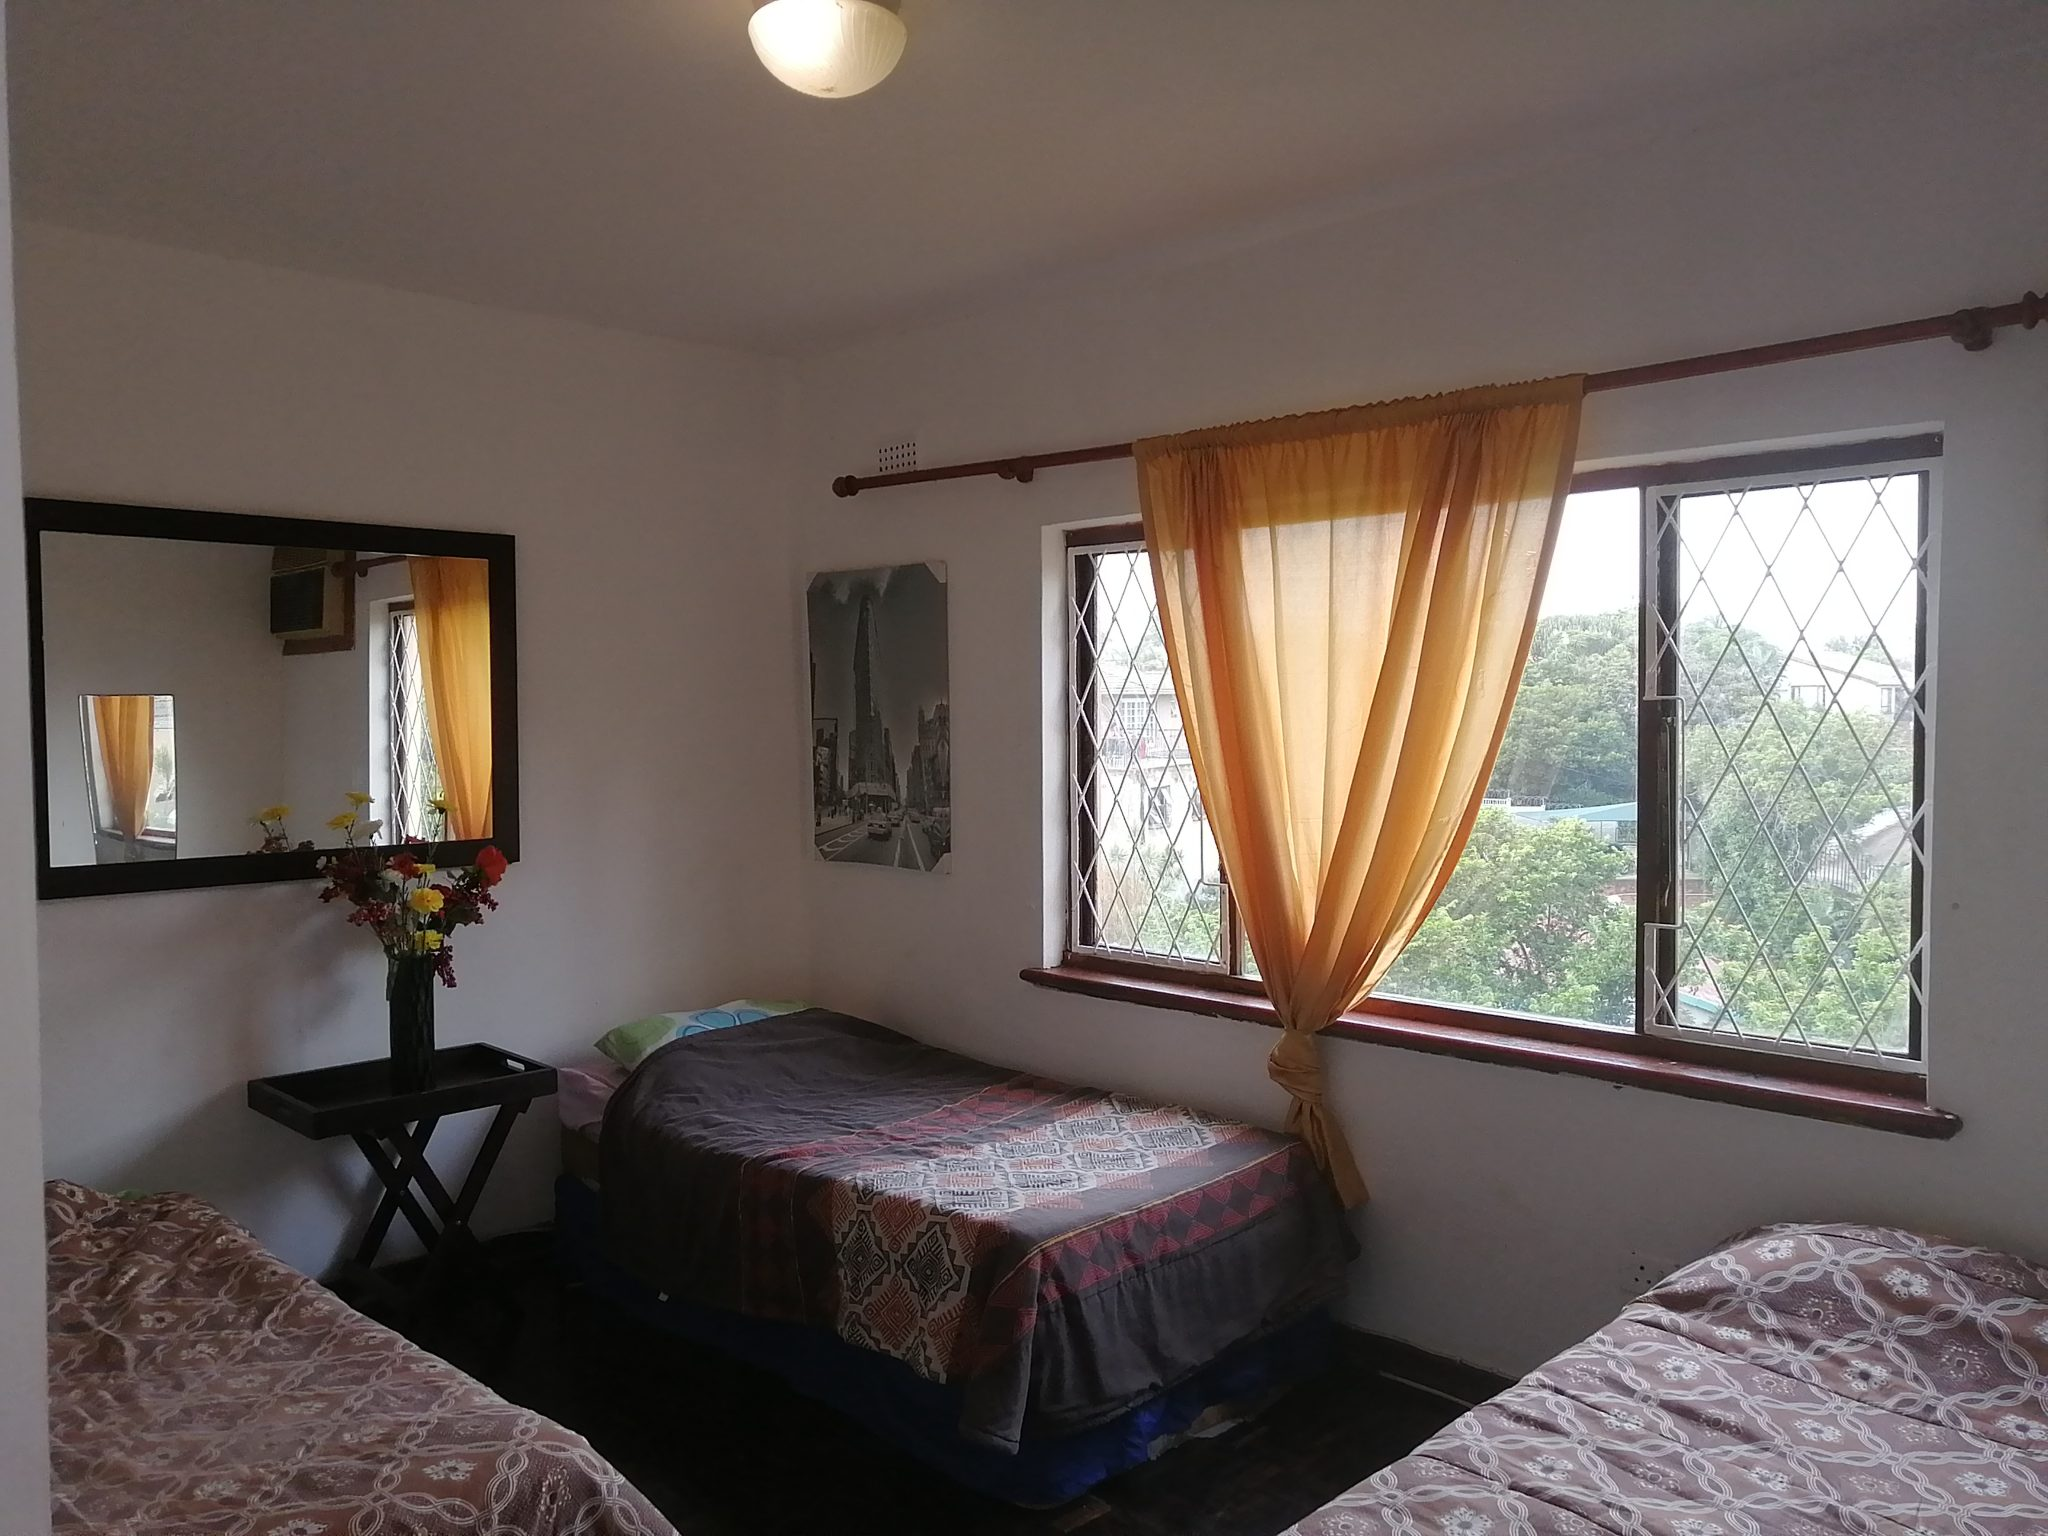 3 share room godsolve accommodation